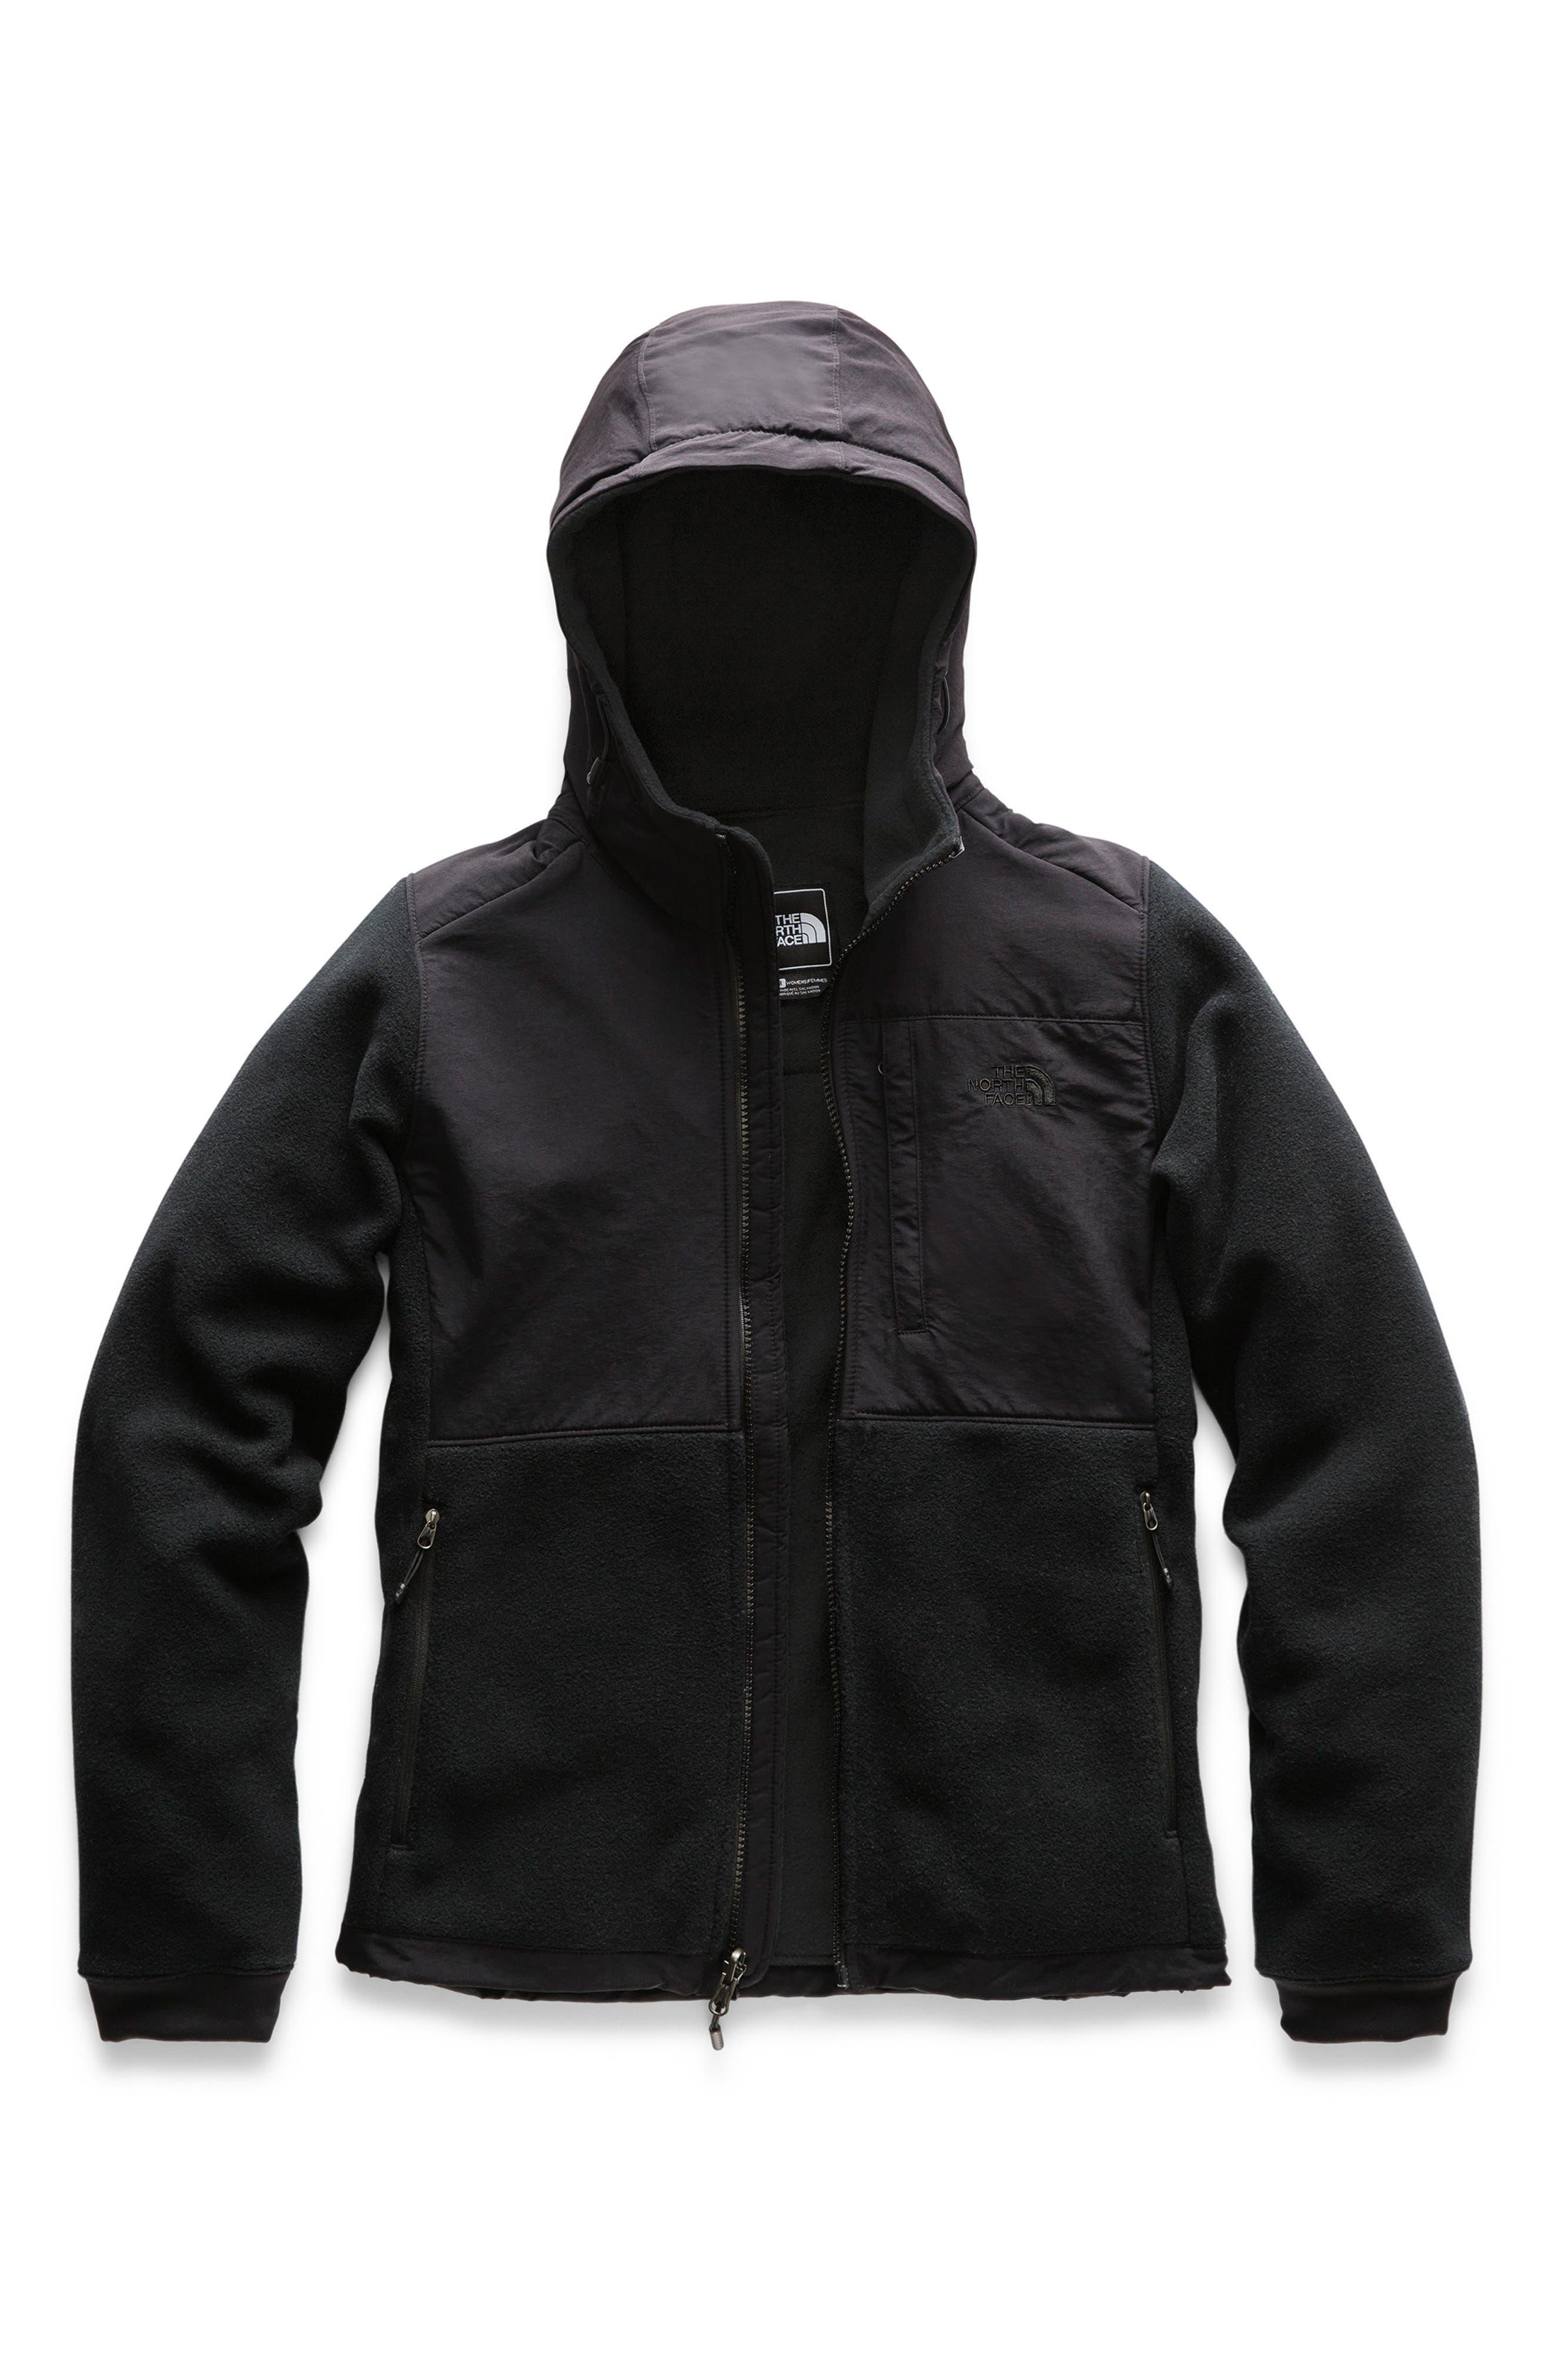 THE NORTH FACE, Denali 2 Hooded Jacket, Main thumbnail 1, color, 001